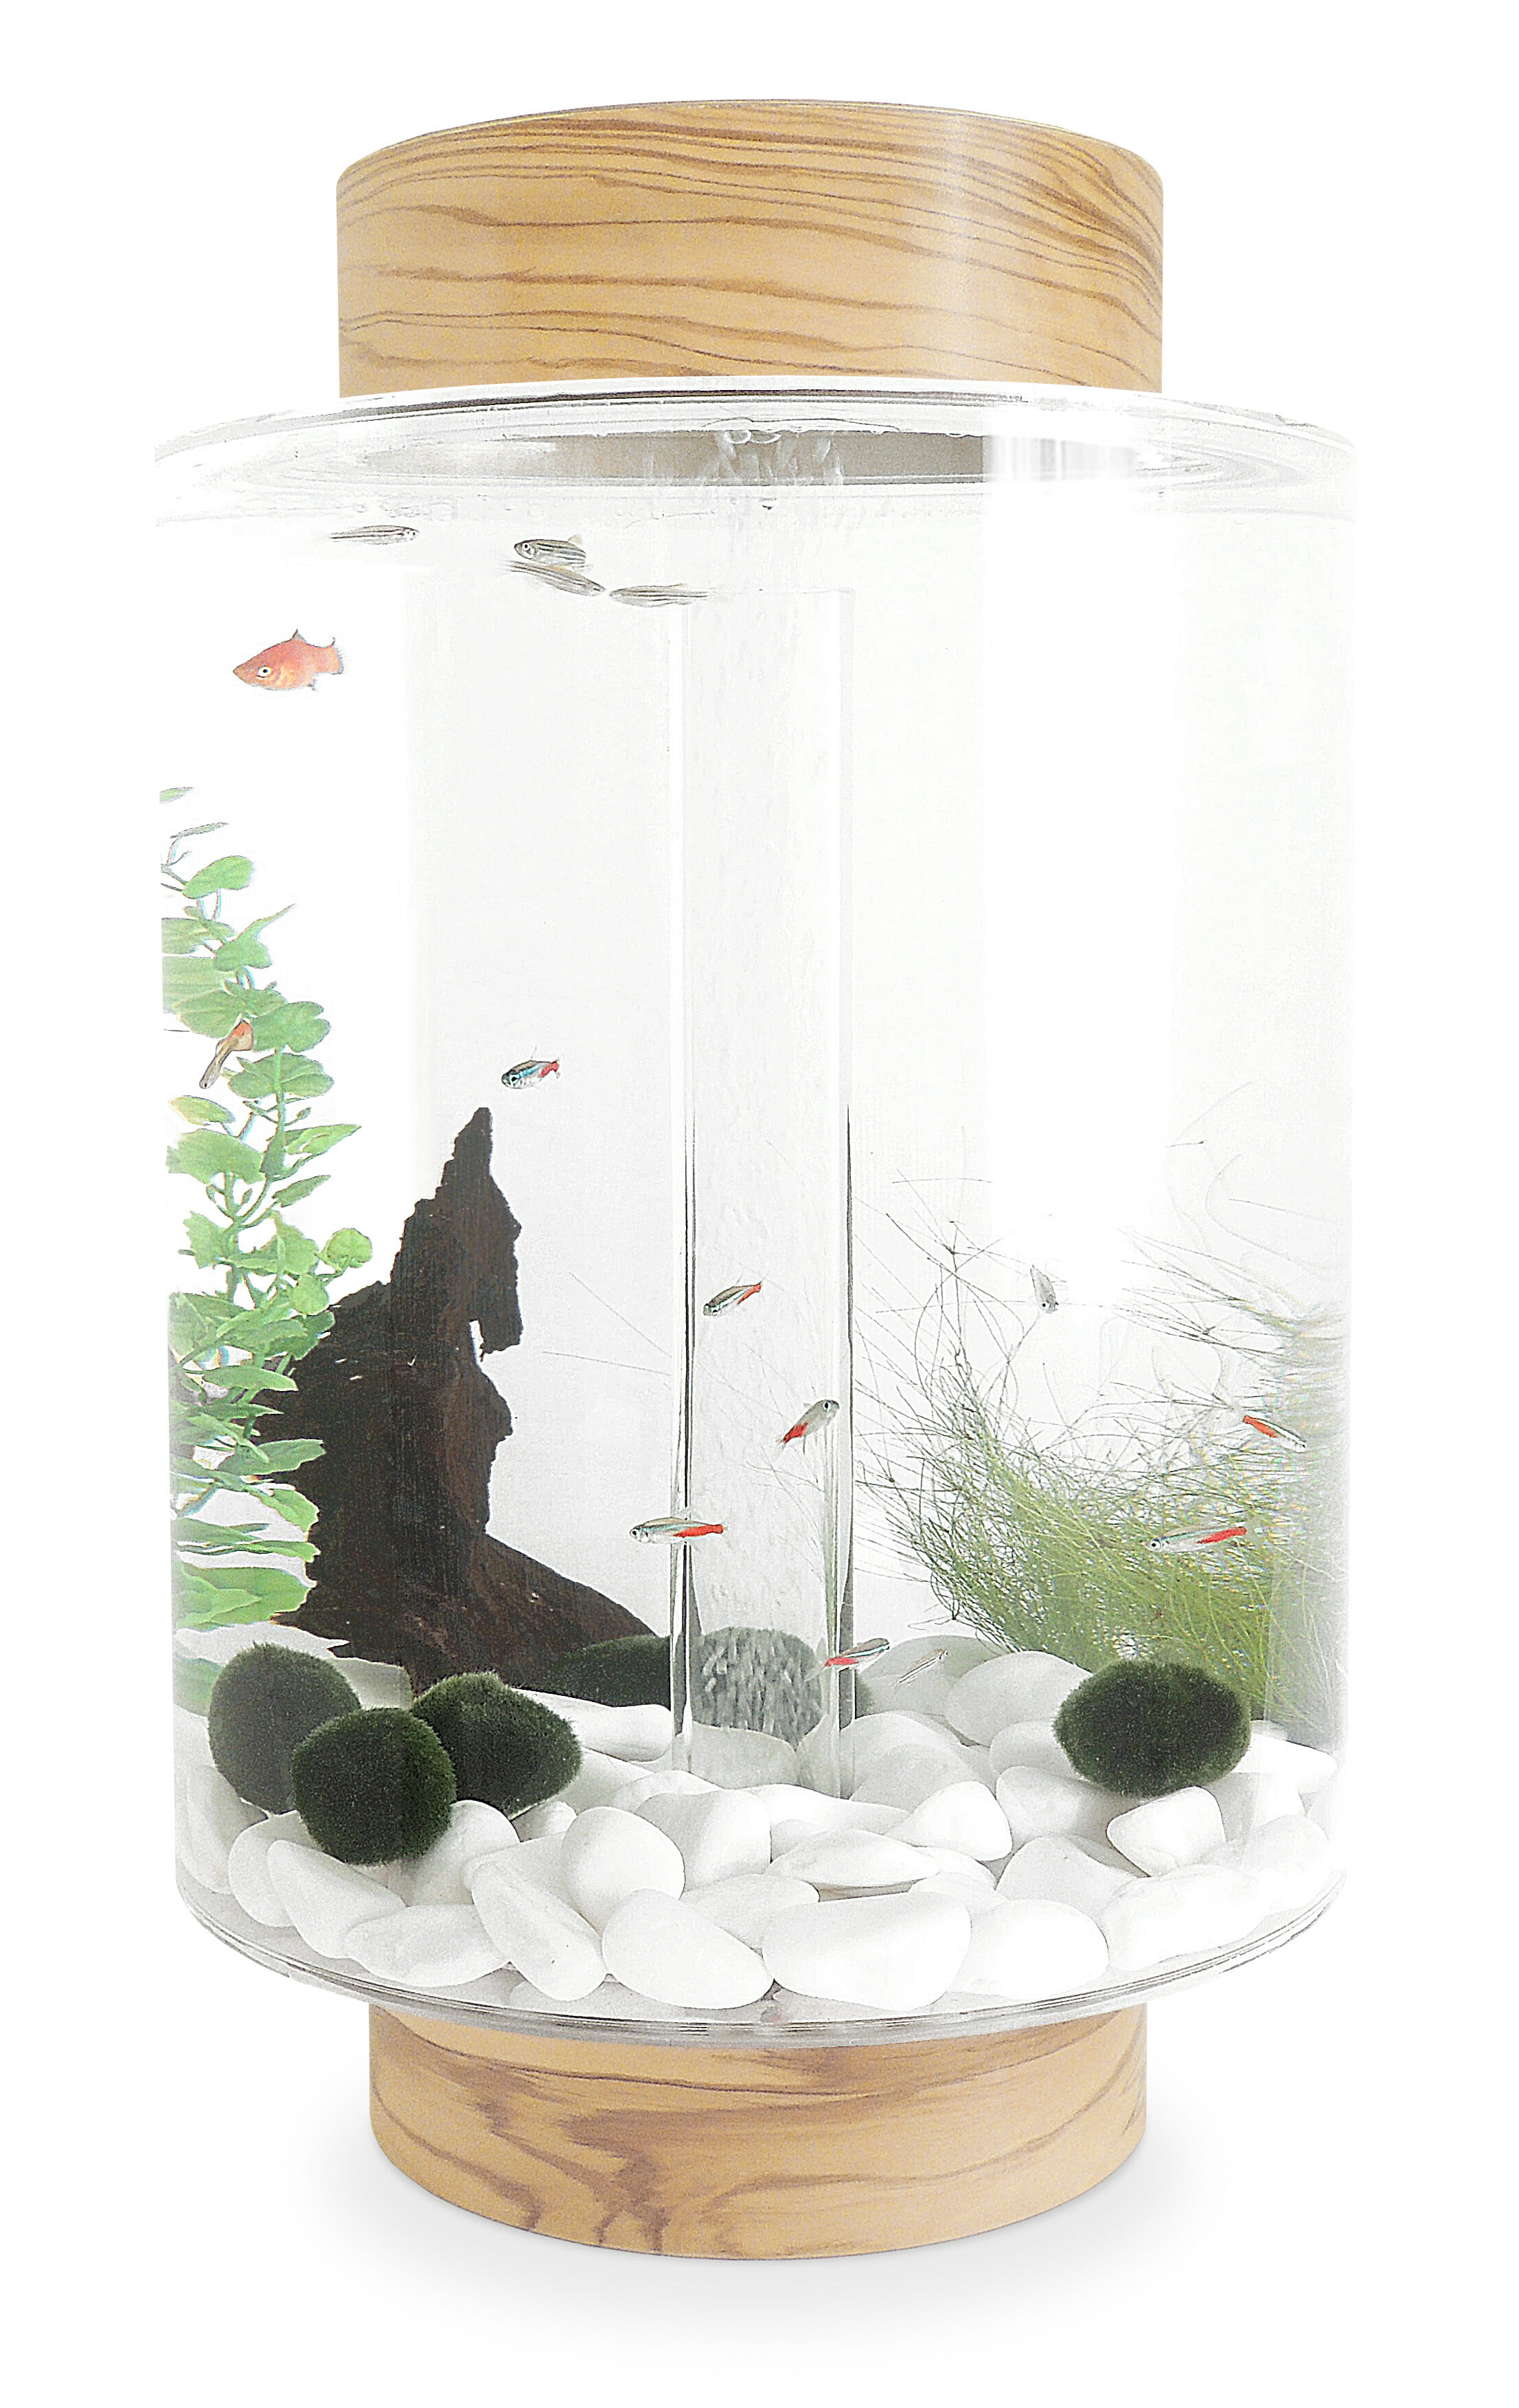 Olivewood aquarium with natural white stones